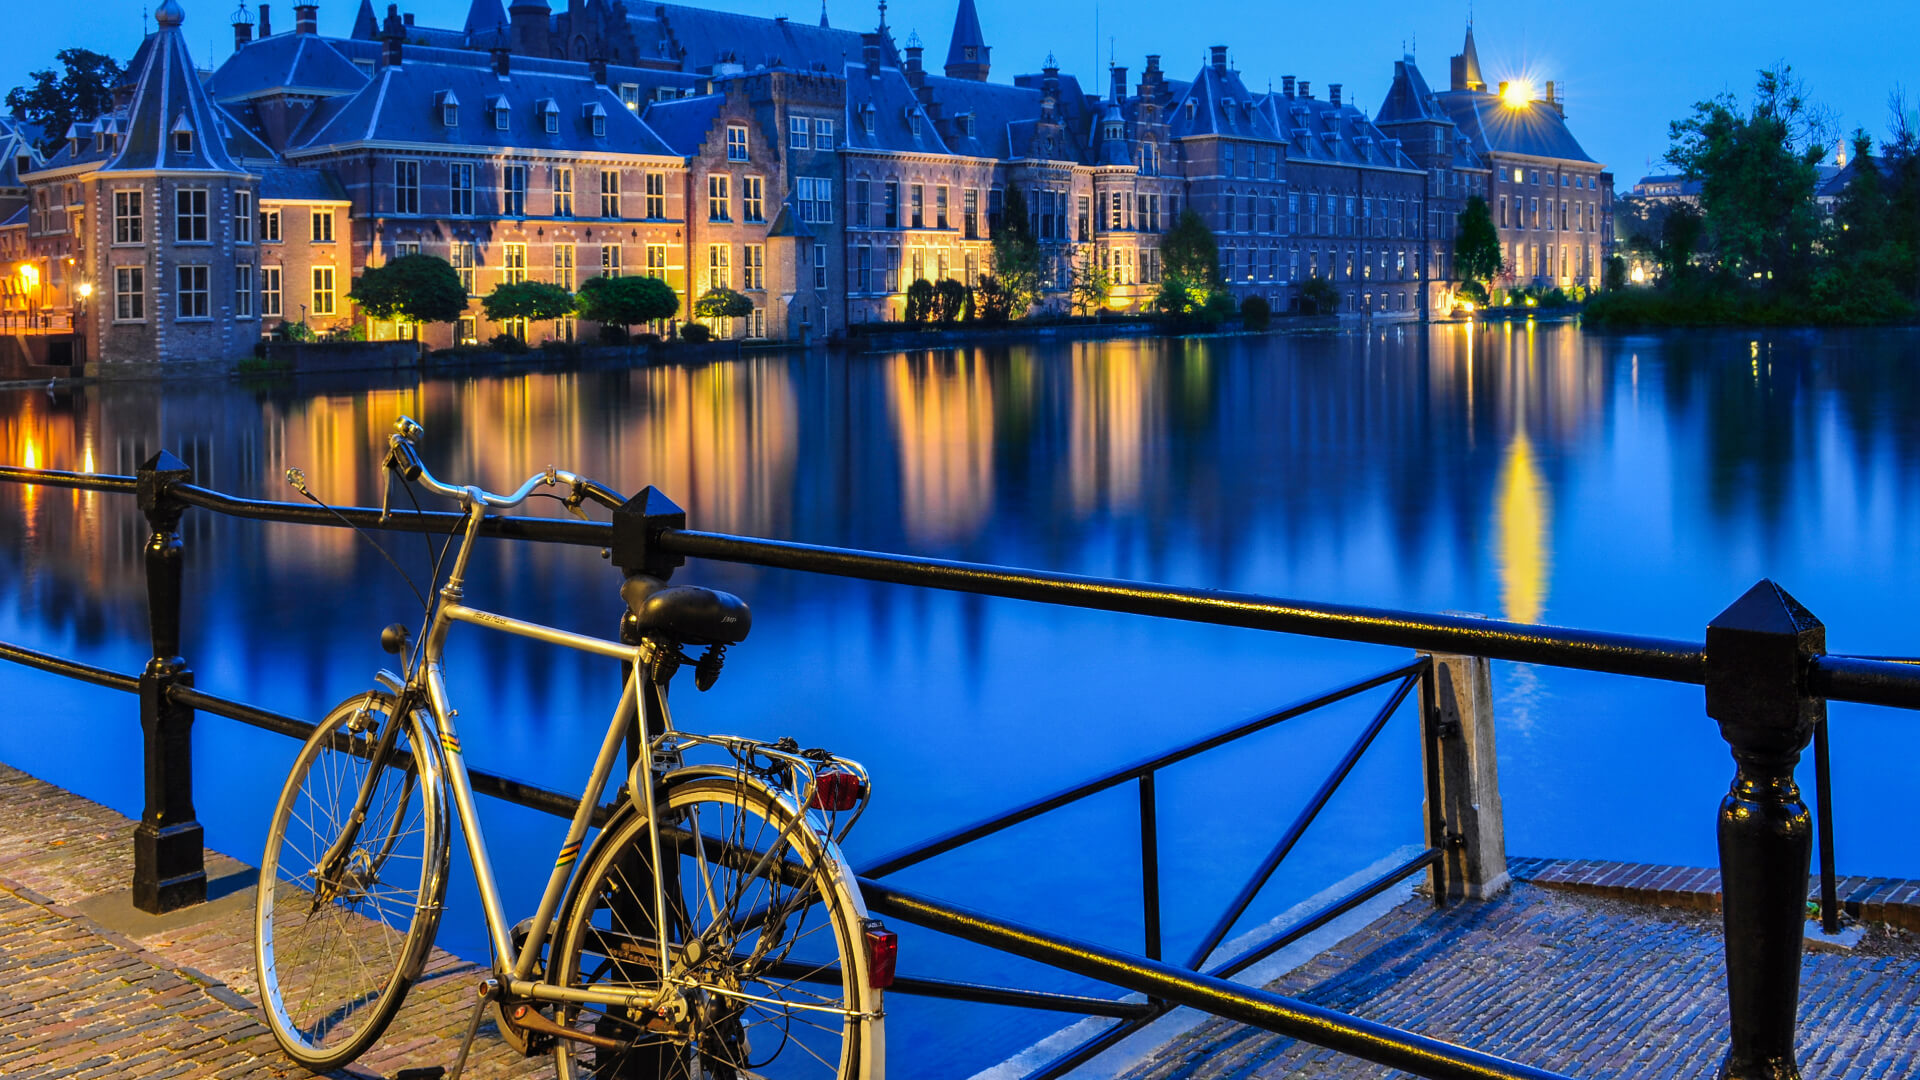 Sakin, Sessiz, Soğuk, Bilinmeyen Bir Şehir; Den Haag